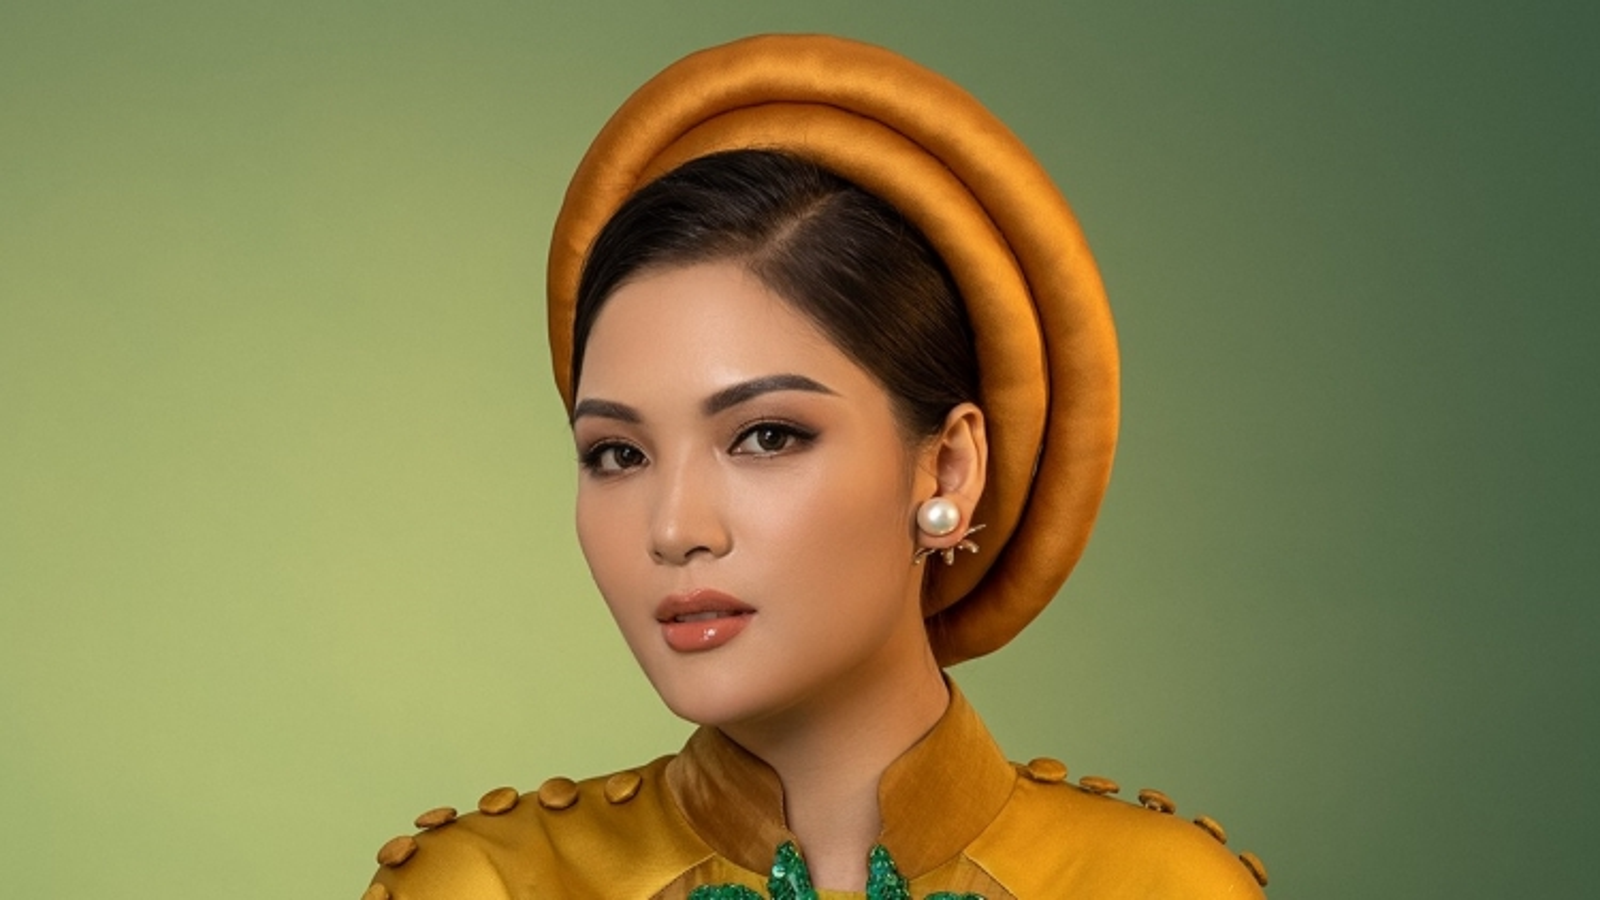 Đại diện Việt Nam tại Miss Earth 2021 quảng bá nét đẹp của áo dài trong phần dự thi